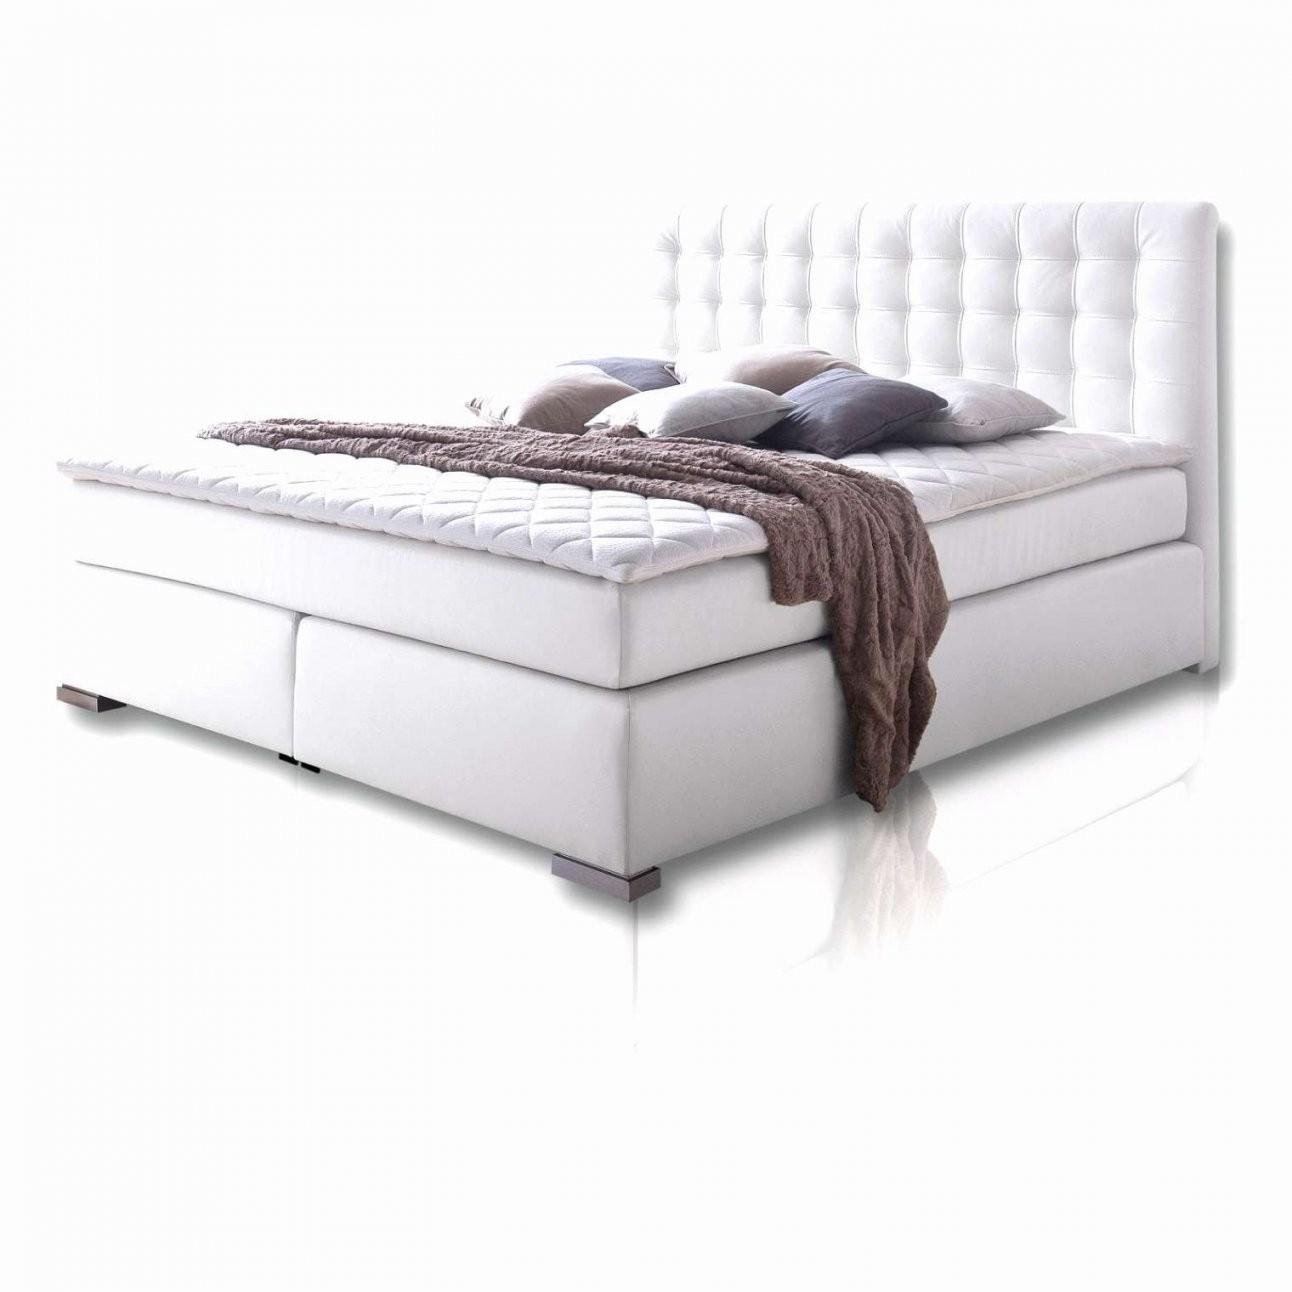 Roller Betten 90×200 Unique 37 Inspirierend Bett Mit Bettkasten 120 von Roller Betten Mit Bettkasten Bild